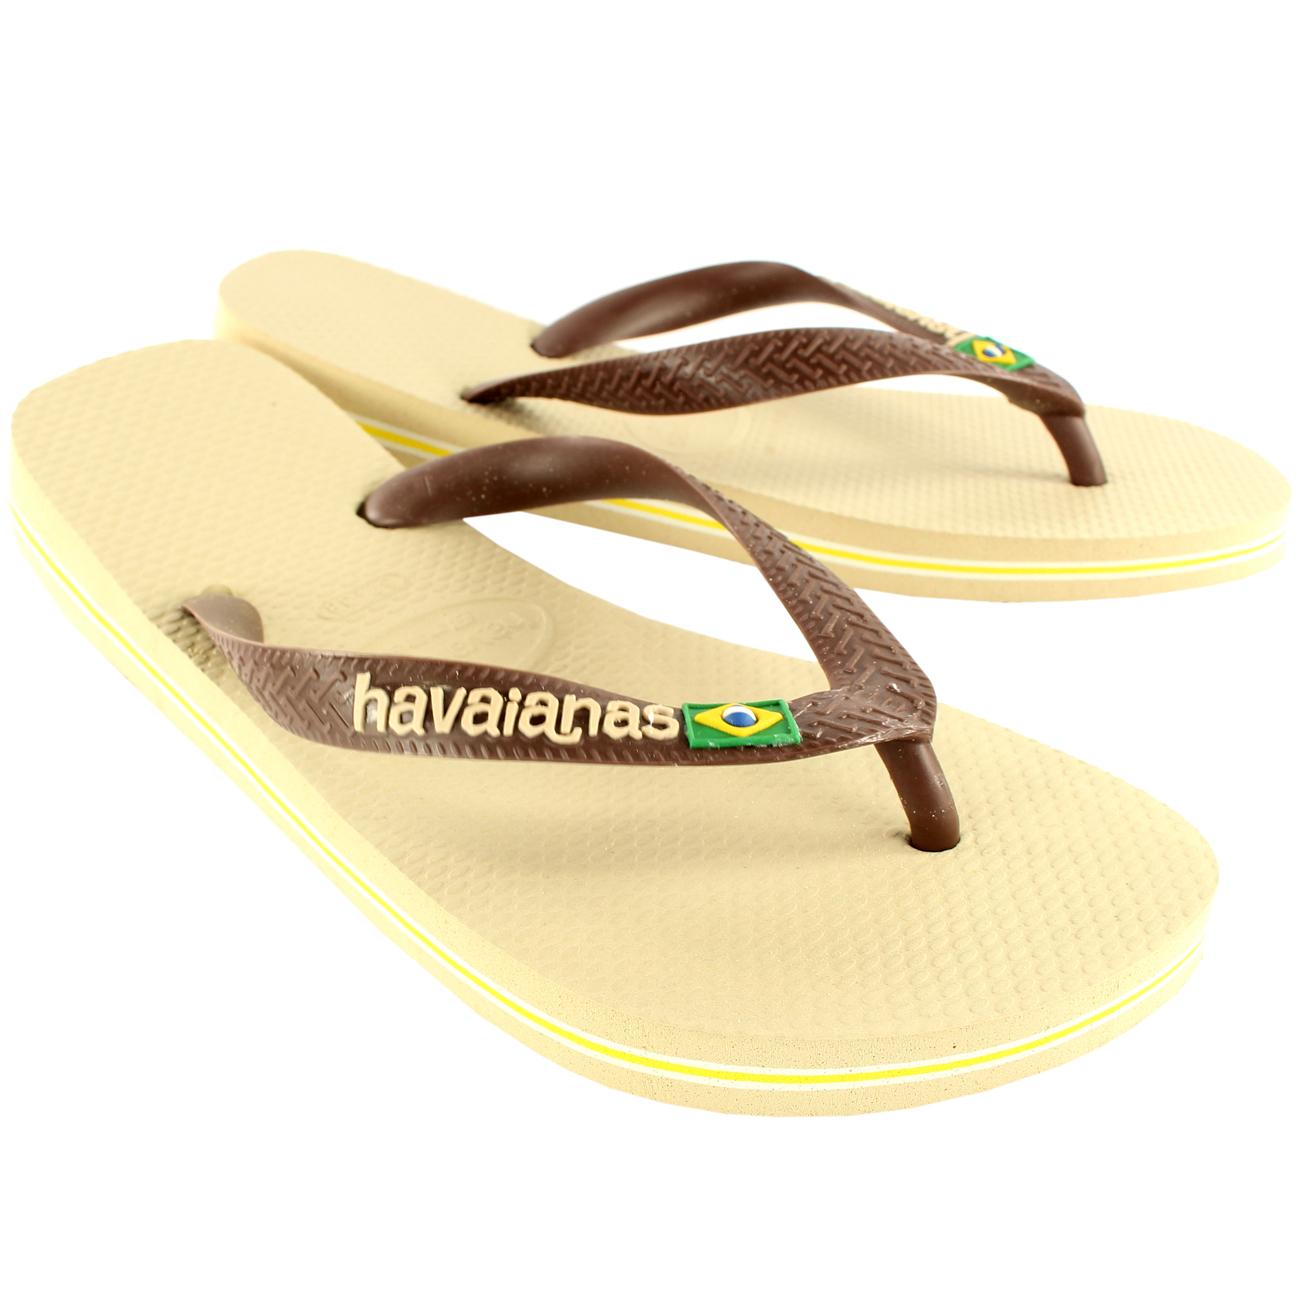 Damen Havaianas Brasil Logo Schlüpfen-Auf Flip Flops Sommer Strand-Sandalen Neu - Schwarz - 37/38 yKNThnBAKn